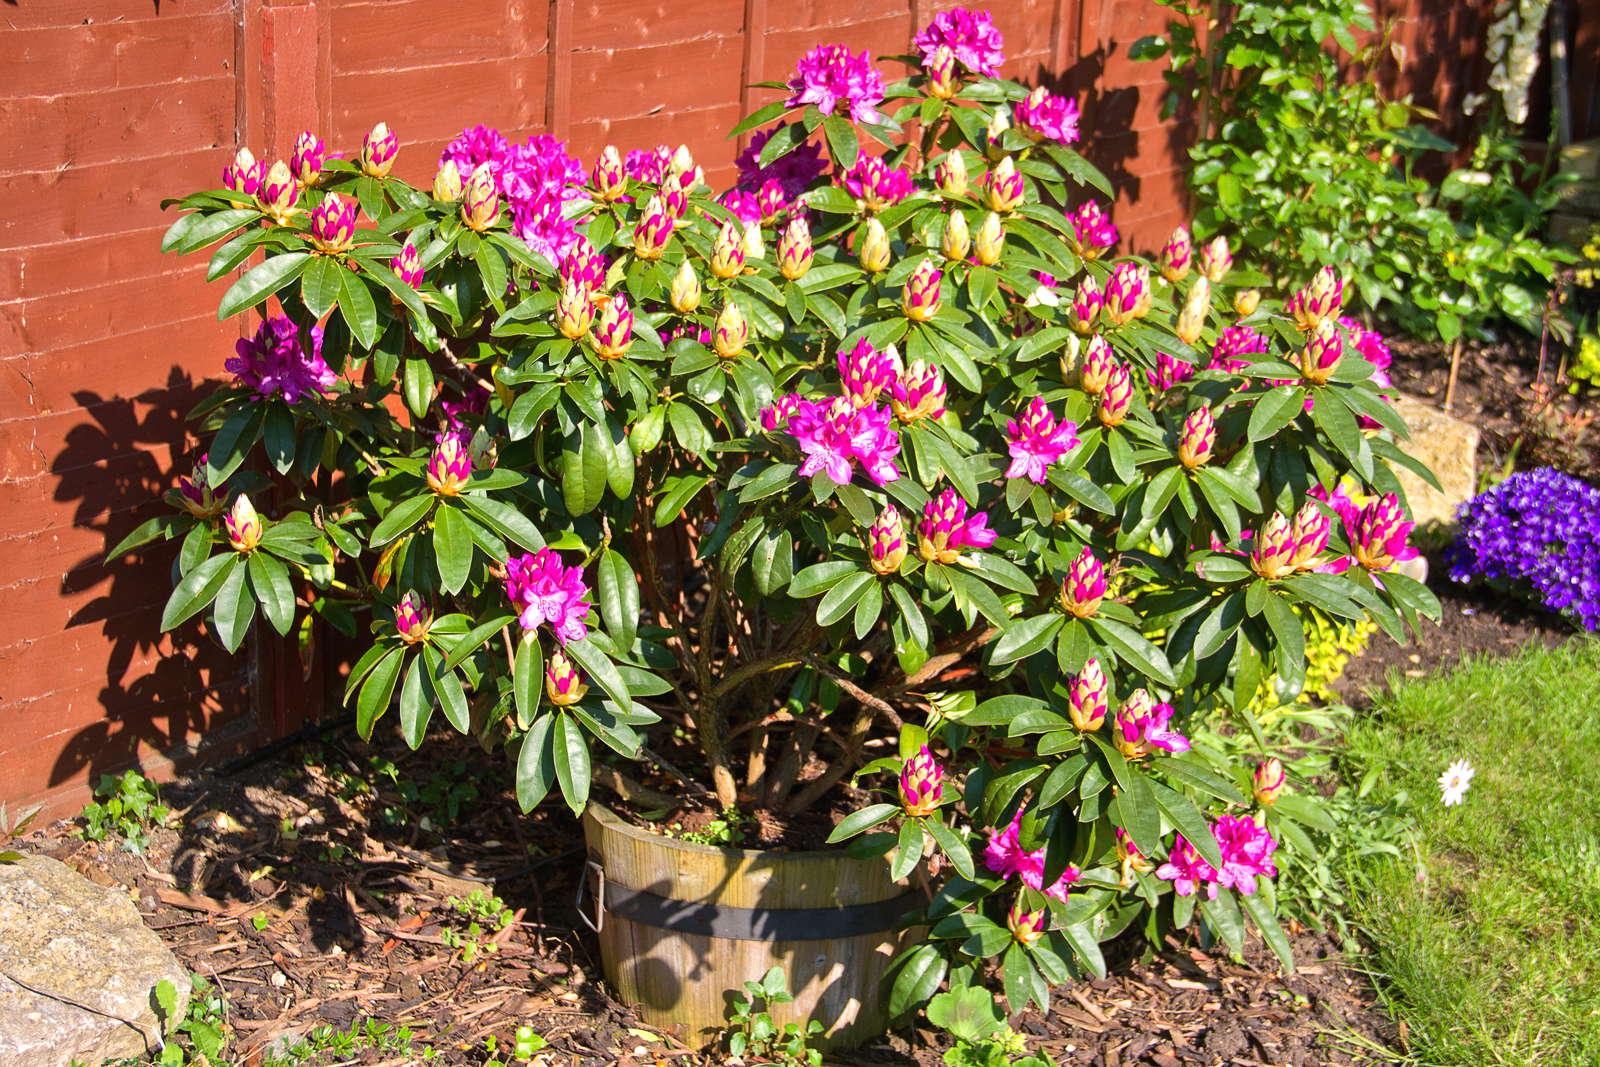 Berühmt Rhododendron pflanzen: Anleitung vom Experten & Pflanz-Tipps #JX_59